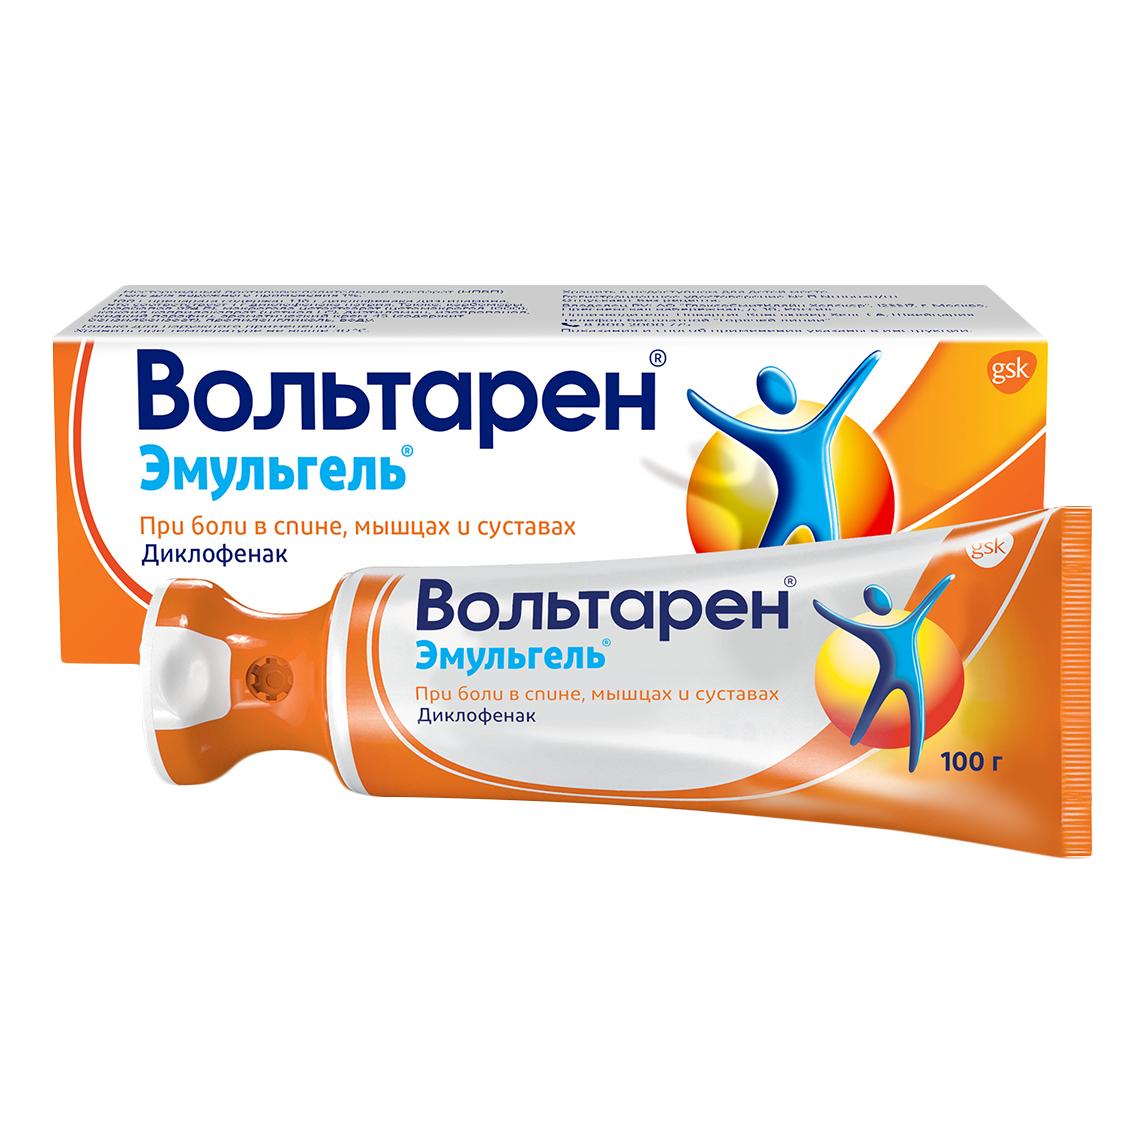 Купить Вольтарен Эмульгель гель 1 % 100 г, Novartis Pharma